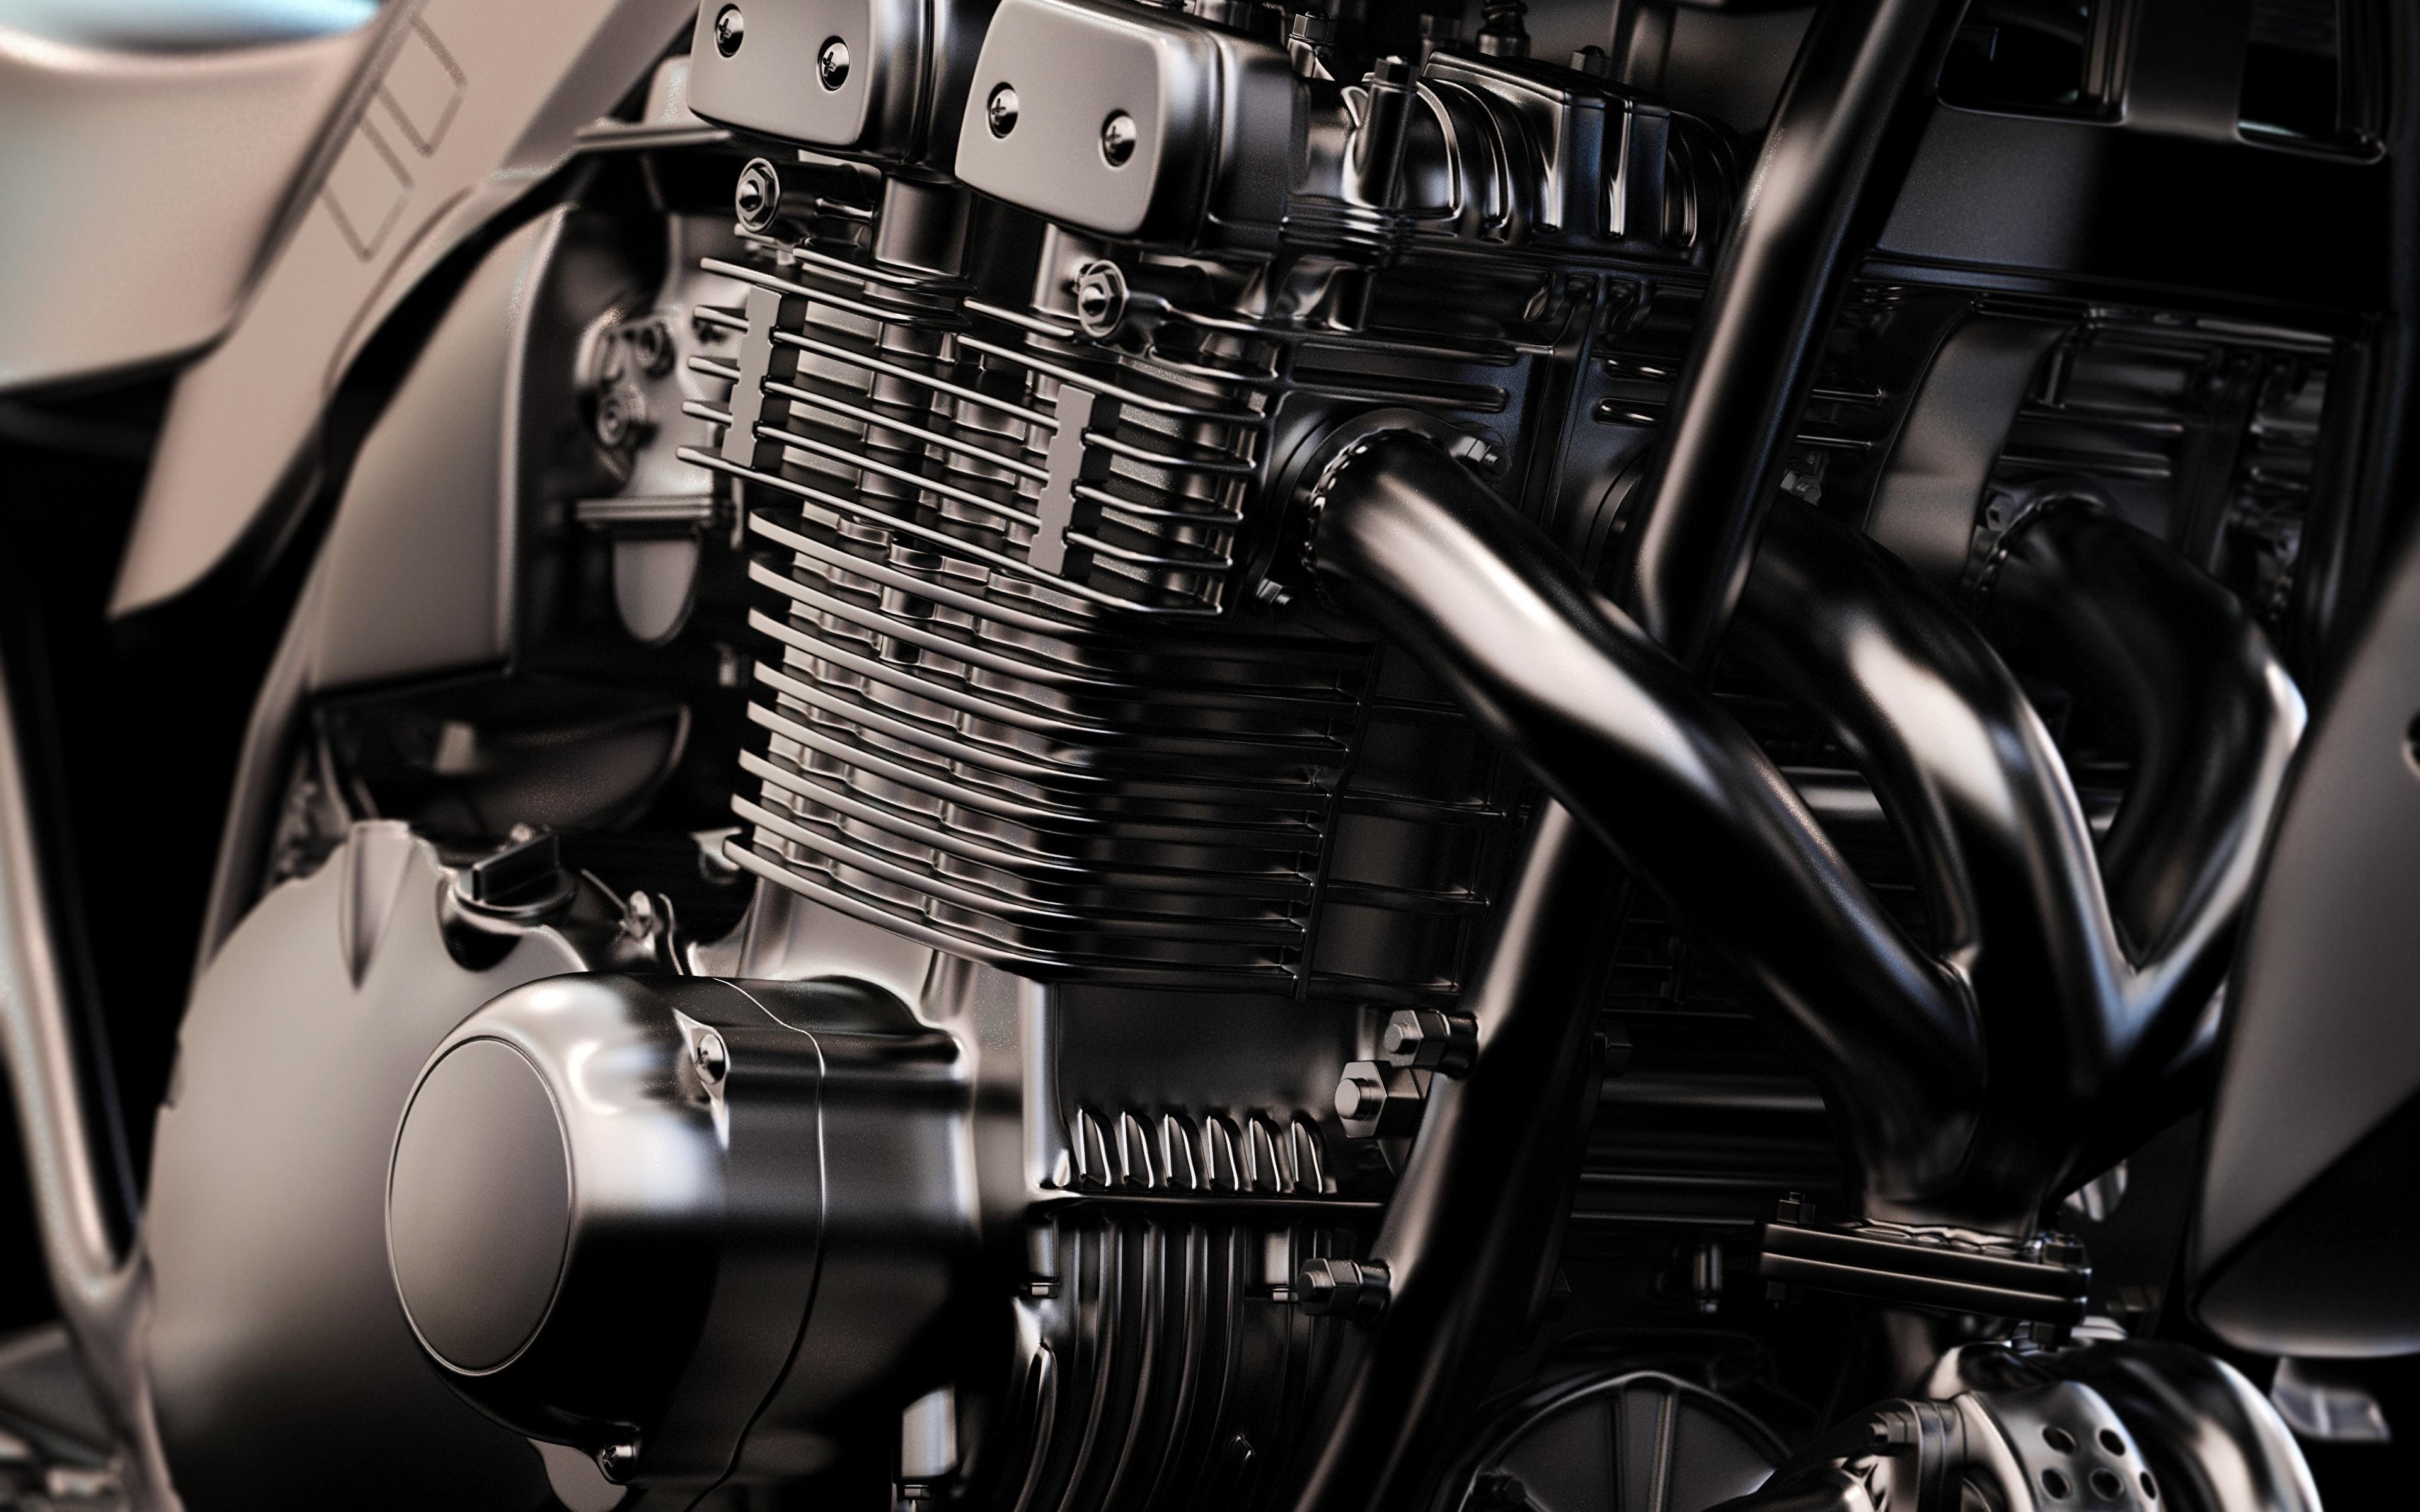 Fondos de pantalla motores motos